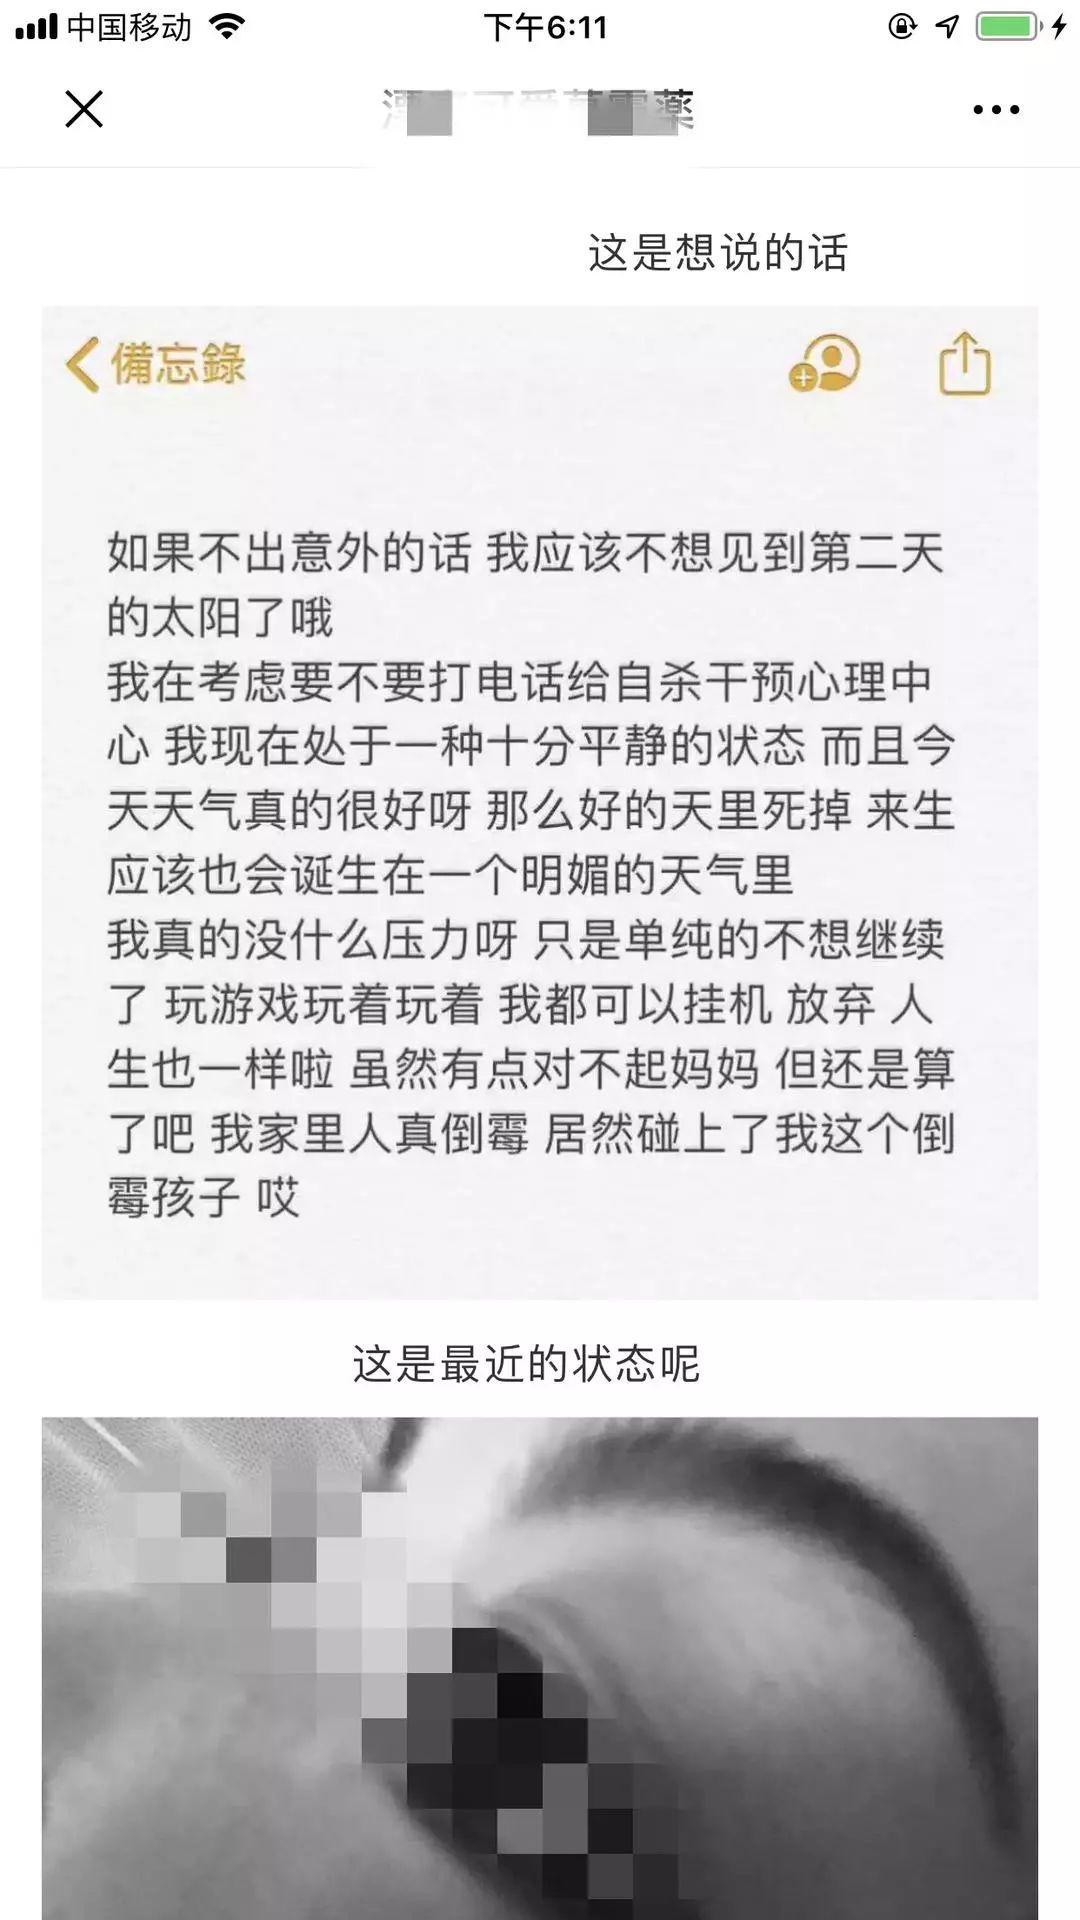 """日博备用官网app下载 - 青岛家校合作网浏览量42.4万 为家庭教育提供专业化""""答案"""""""